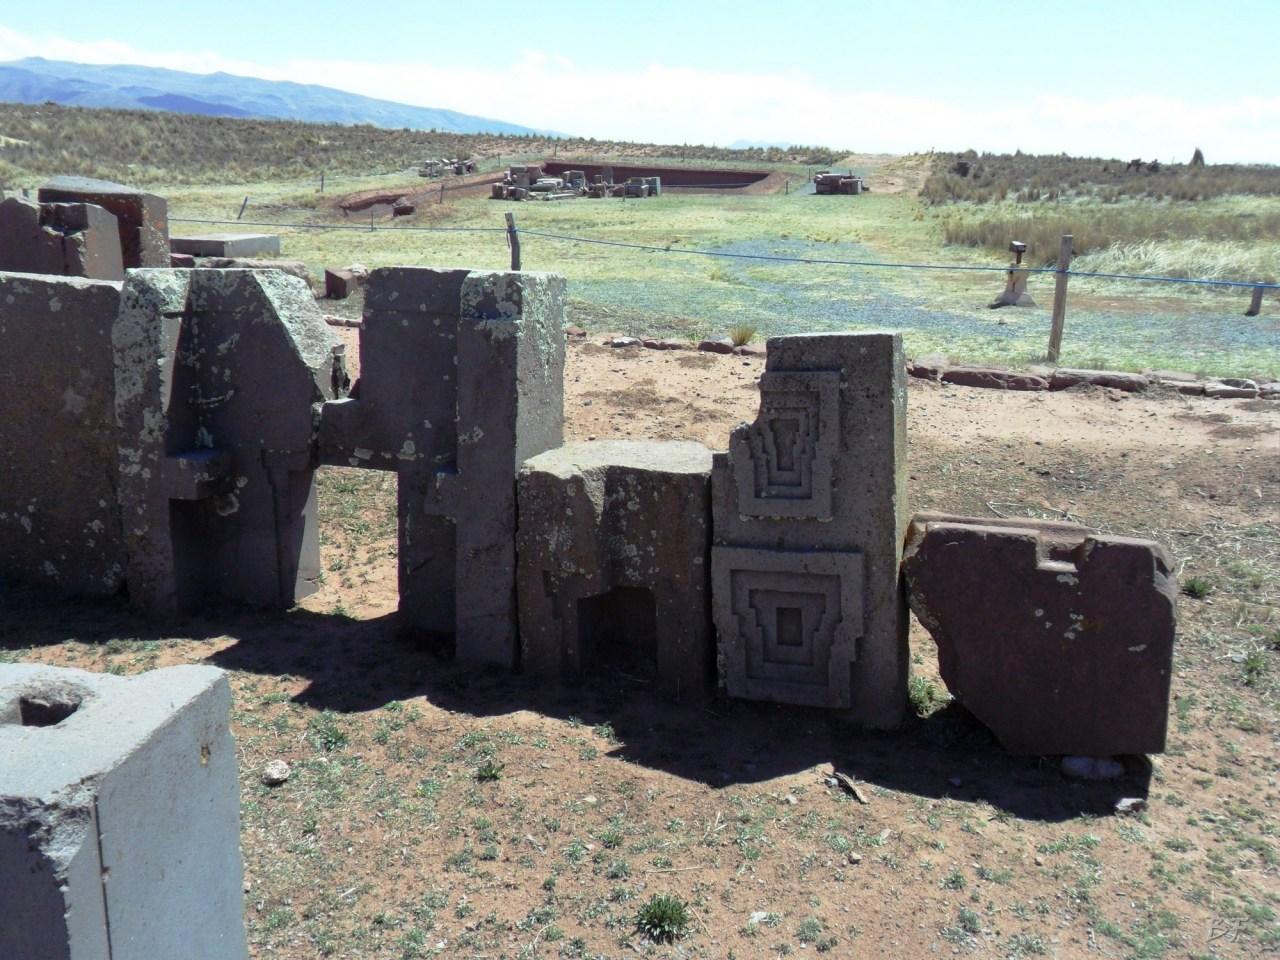 Puma-Punku-Area-Megalitica-Mura-Poligonali-Megaliti-Tiwanaku-Tiahuanaco-Bolivia-4